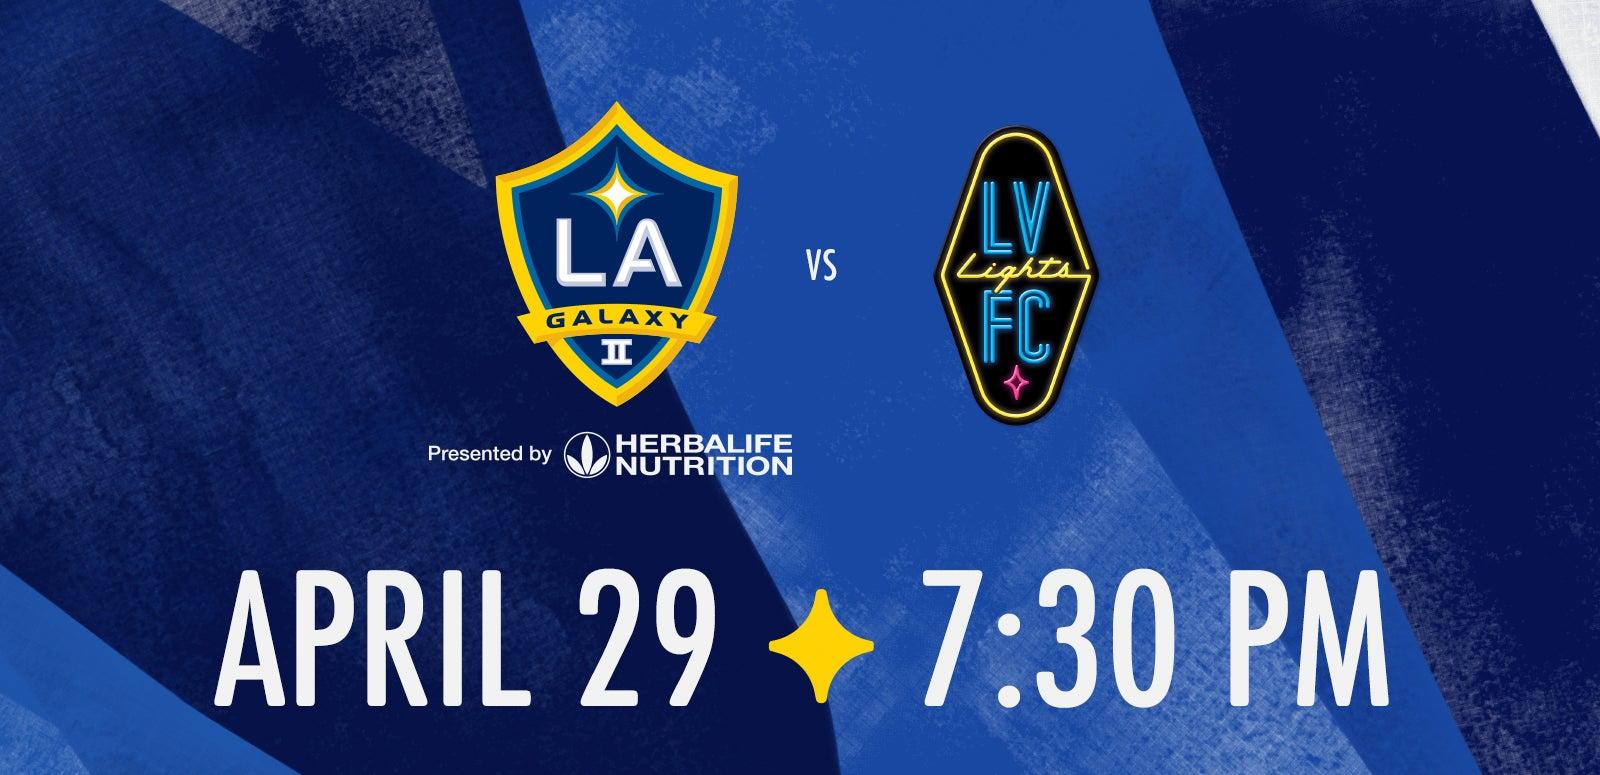 LA Galaxy II vs. Las Vegas Lights FC